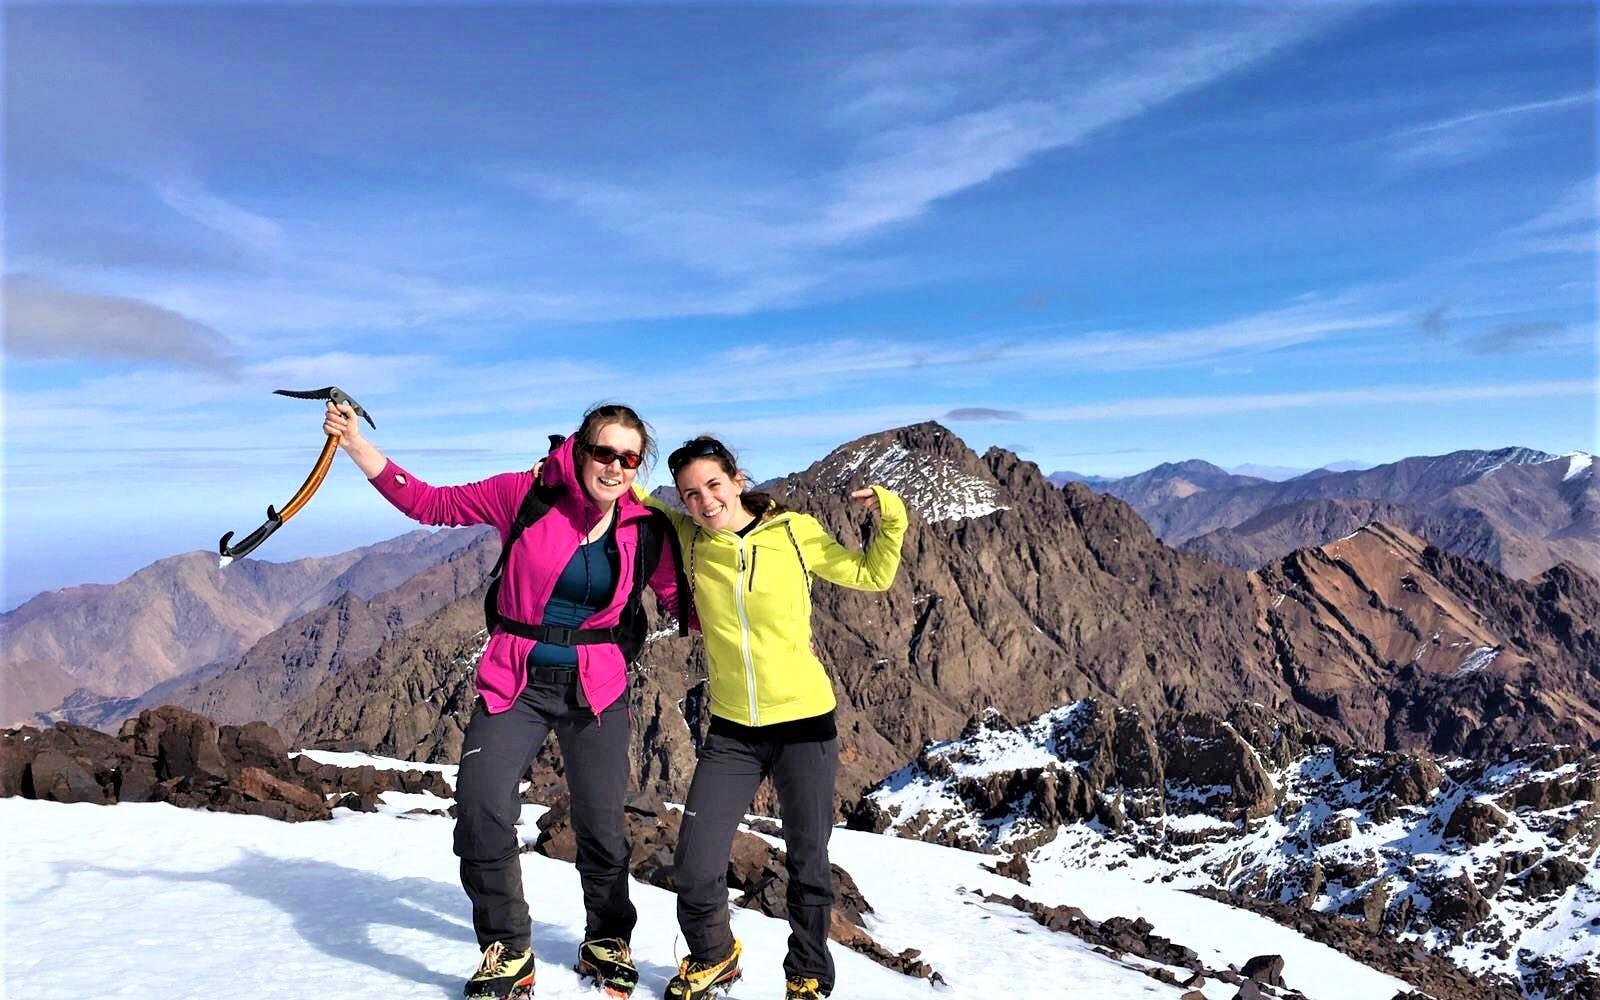 Toubkal Winter Ascent (4167m)